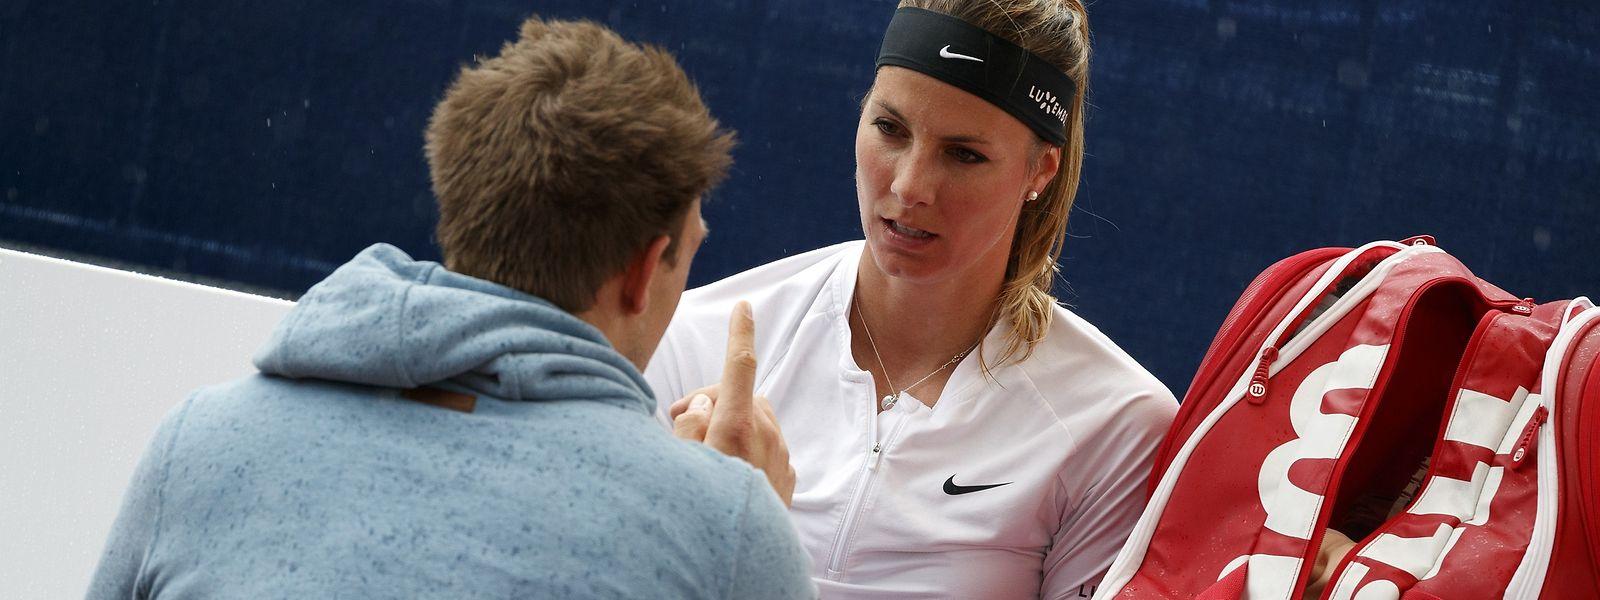 Mandy Minella winkt am Sonntag der zweite Turniererfolg auf der WTA-Tour.